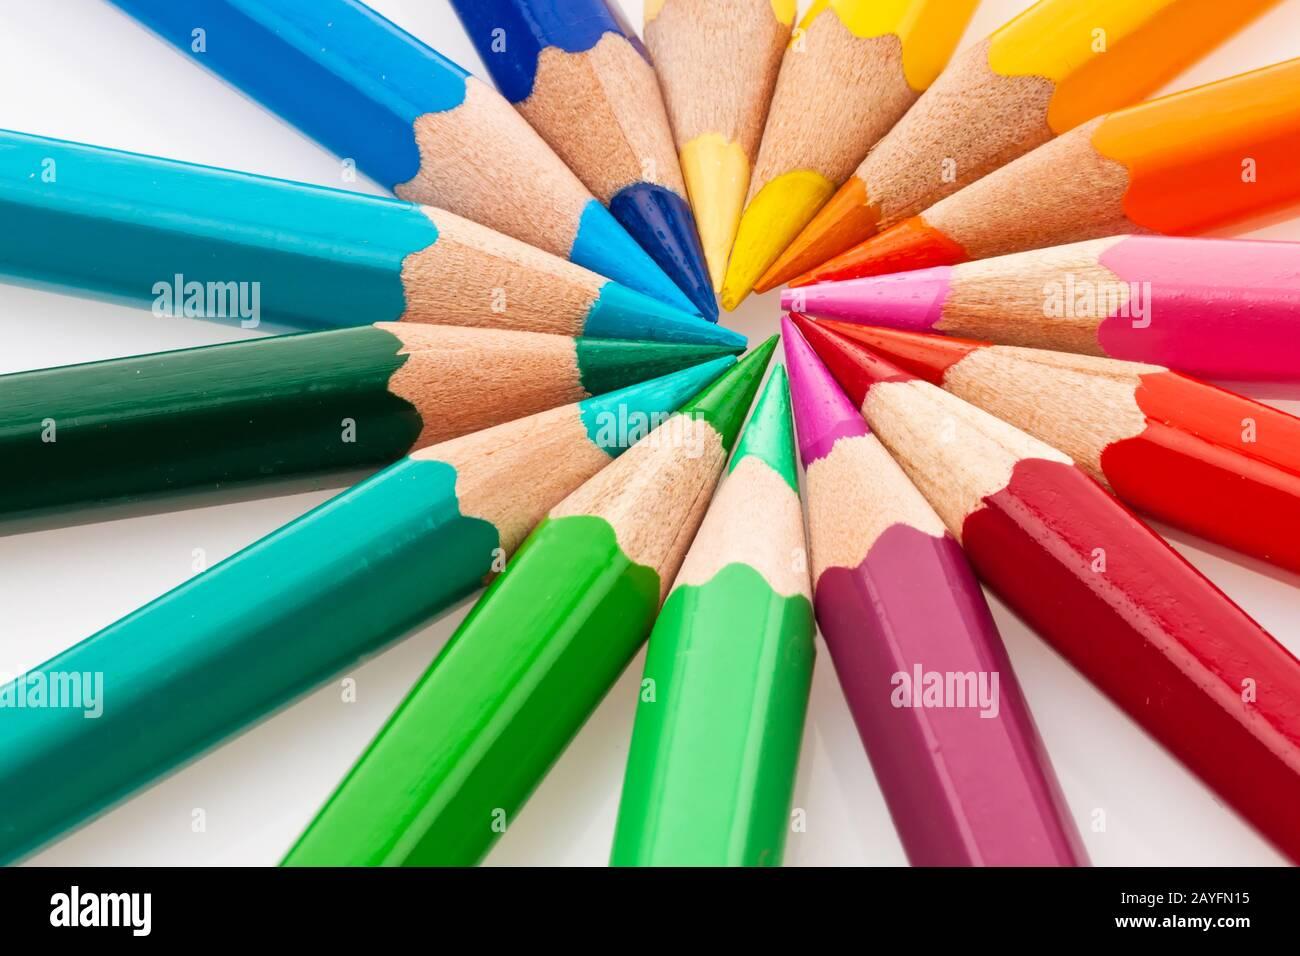 Viele verschiedene bunte Farbstifte auf einem weissem Hintergrund. Stock Photo